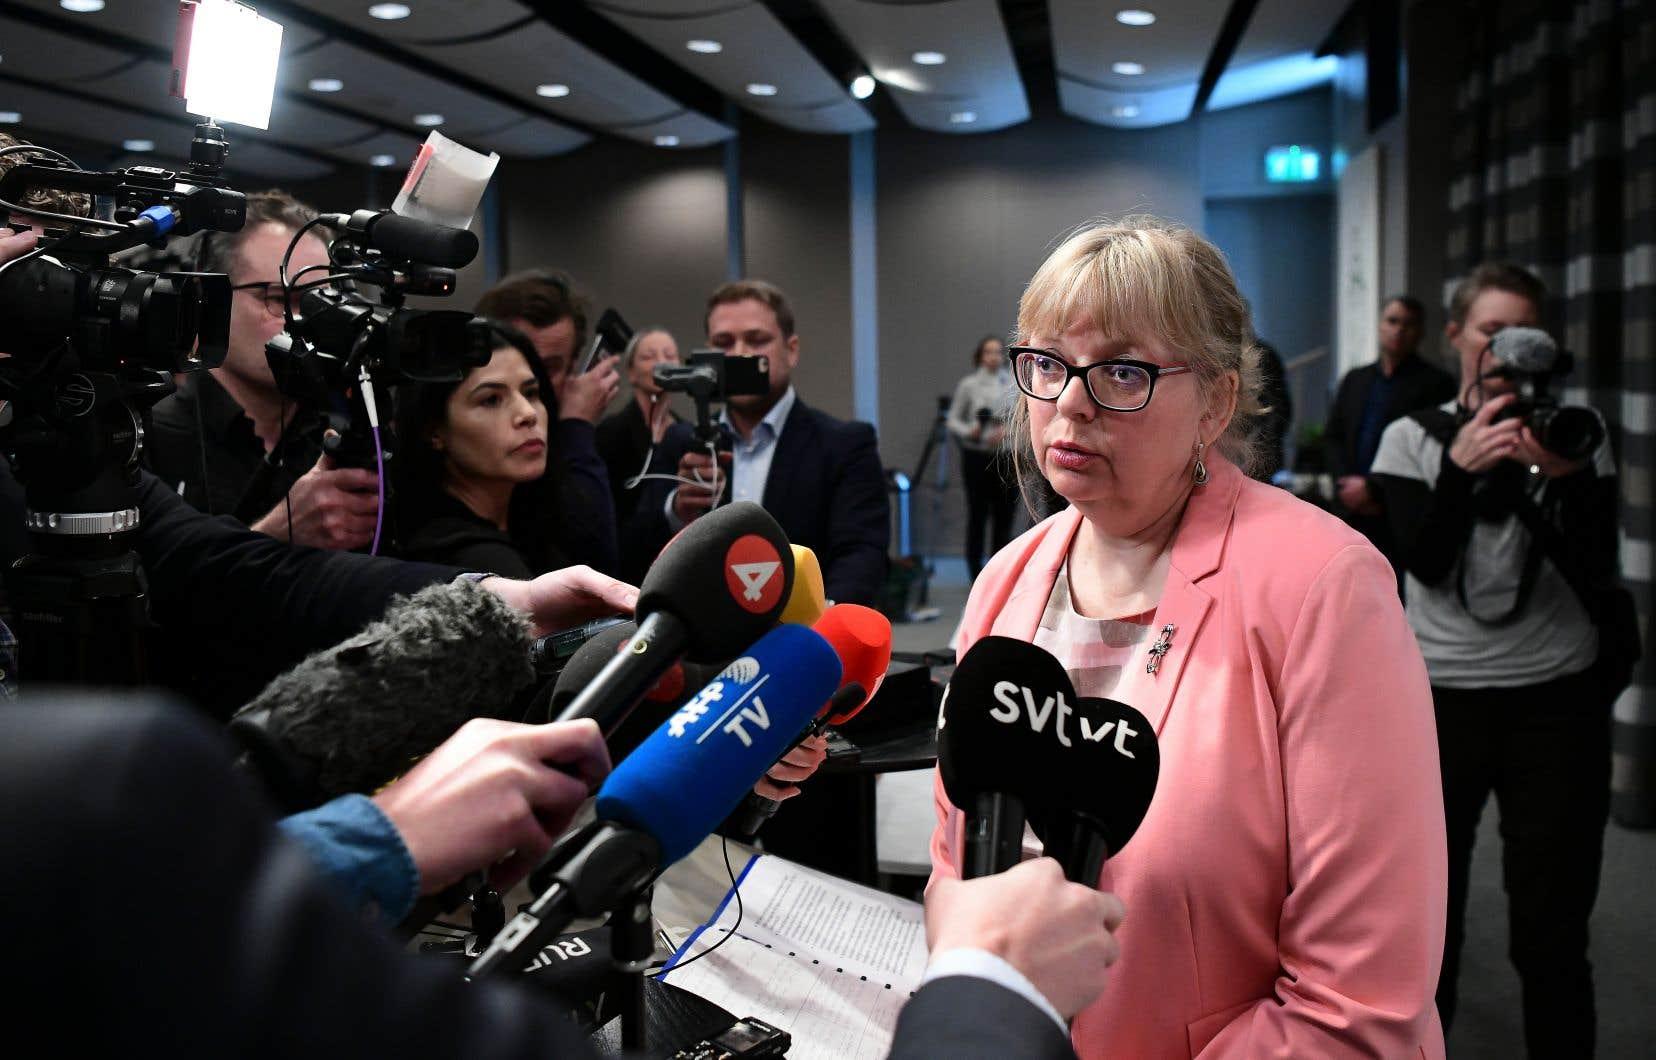 La procureure adjointe Eva-Marie Persson en conférence de presse lundi, annonçant qu'elle a décidé de rouvrir l'enquête contre le fondateur de WikiLeaks, Julian Assange